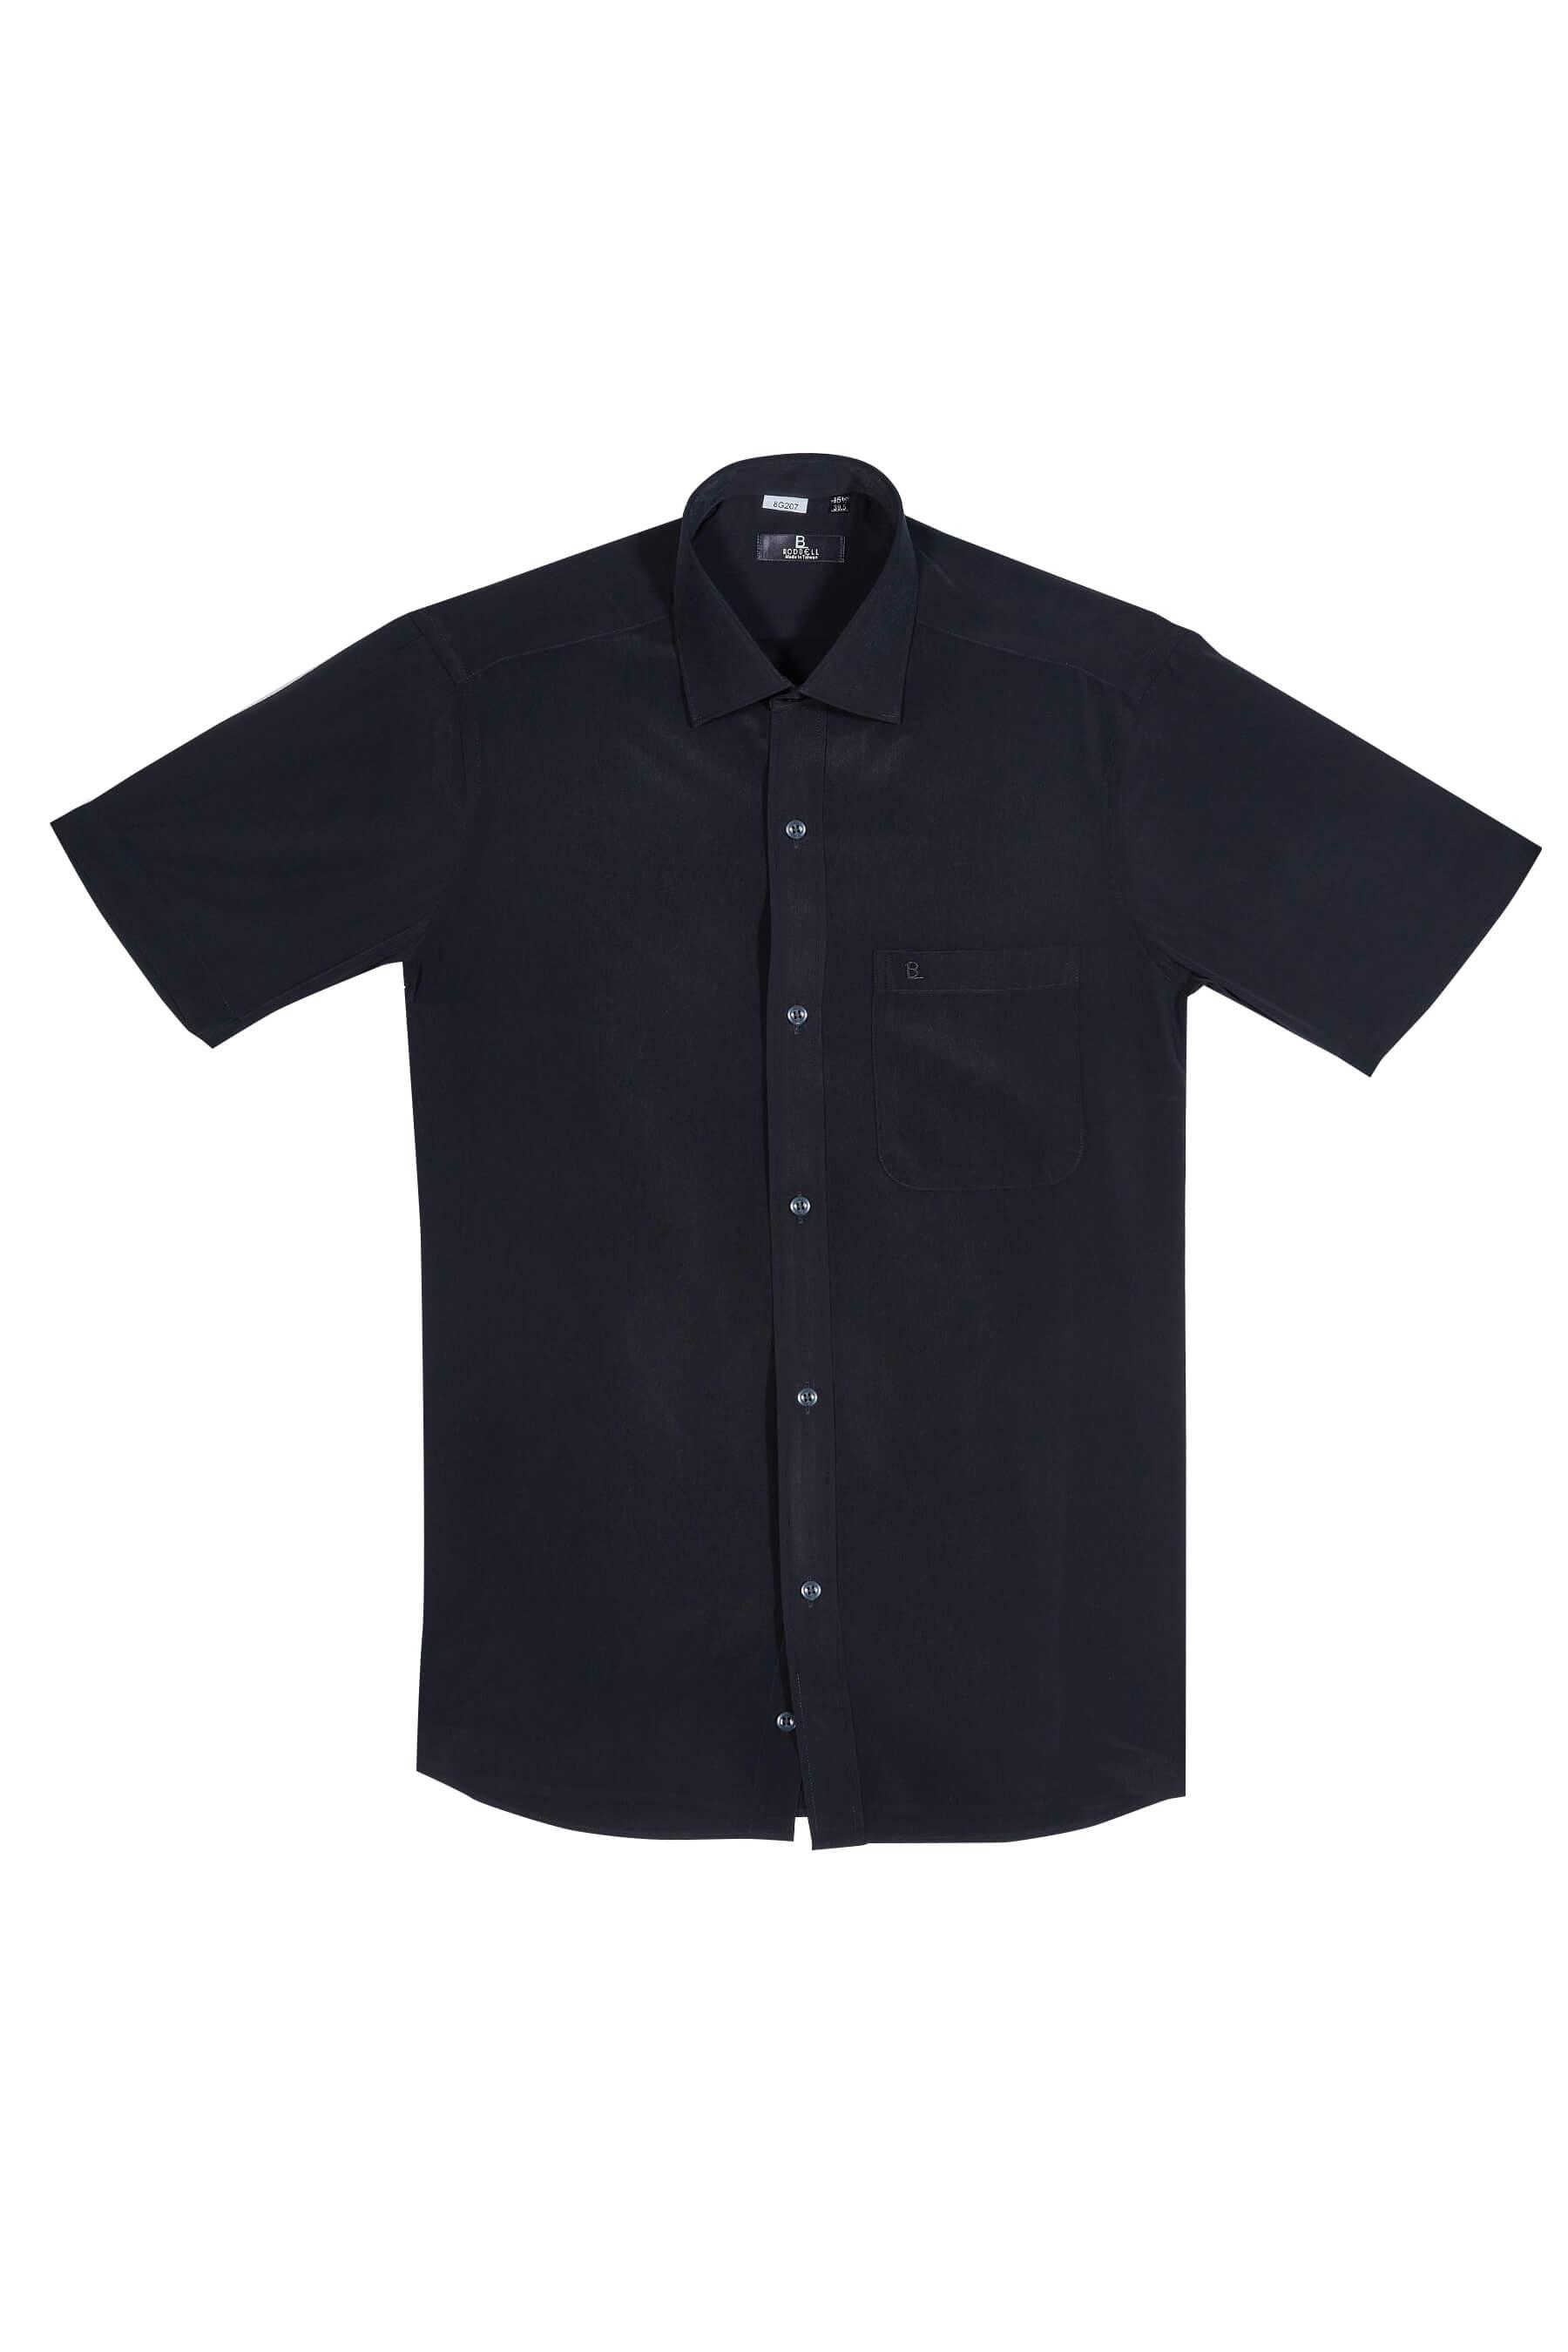 黑色素面短袖襯衫/抗皺 透氣